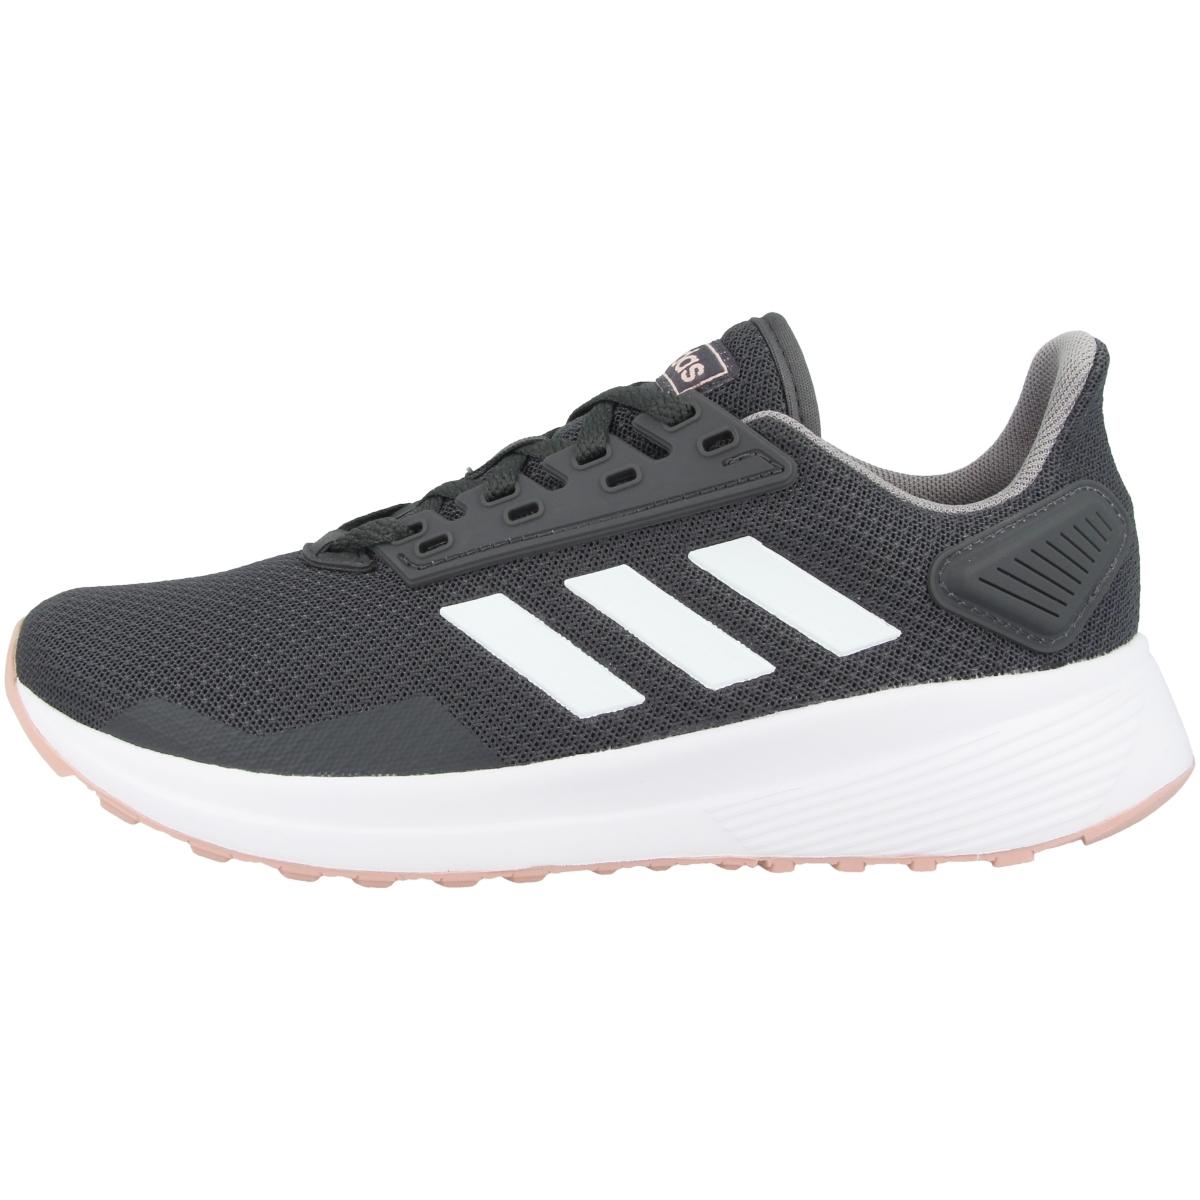 DAMEN SCHUHE SNEAKERS ADIDAS DURAMO 8 BB4669 Damen Sneaker